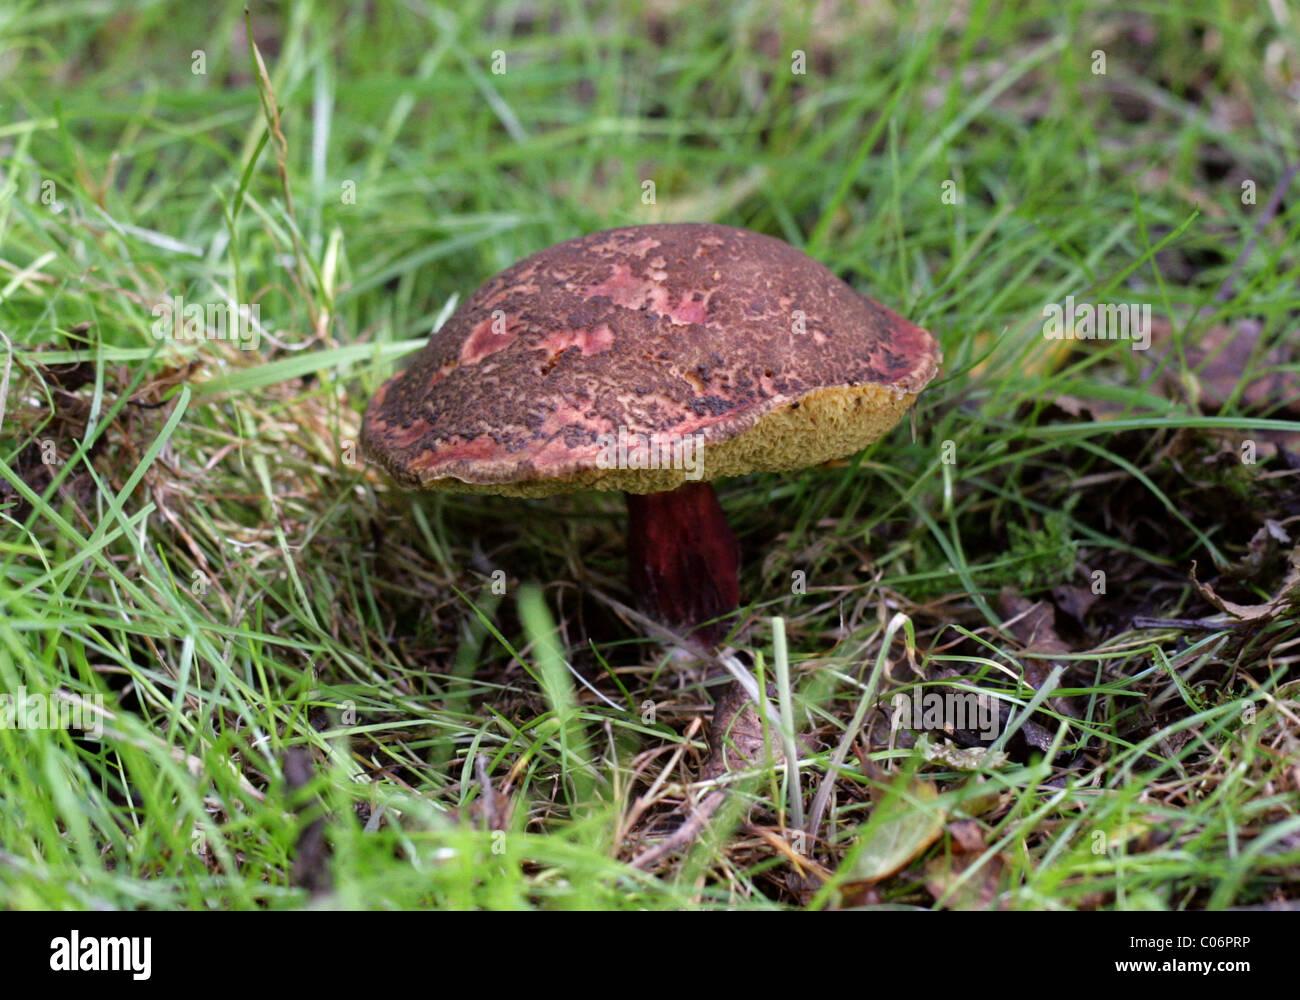 12.2005-rouge ou rouge Boletus Boletus chrysenteron Boetus, fissuration (Syn. Xerocomus chrysenteron), Boletaceae Photo Stock